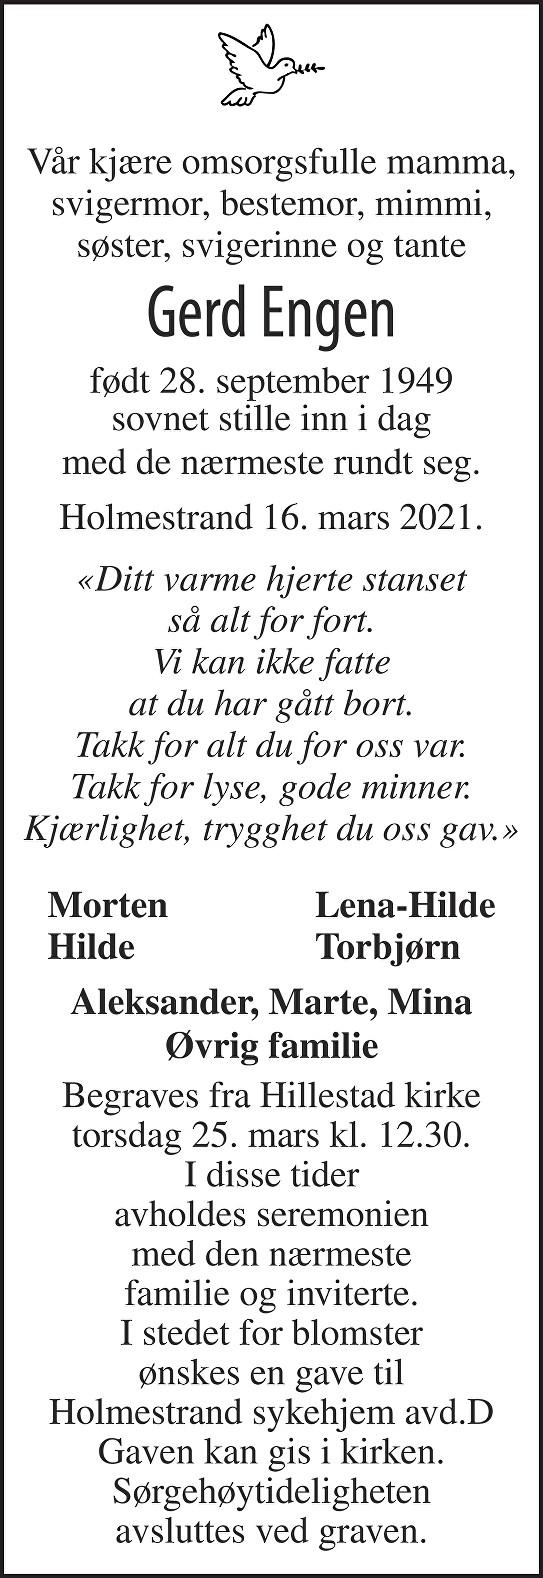 Gerd Engen Dødsannonse